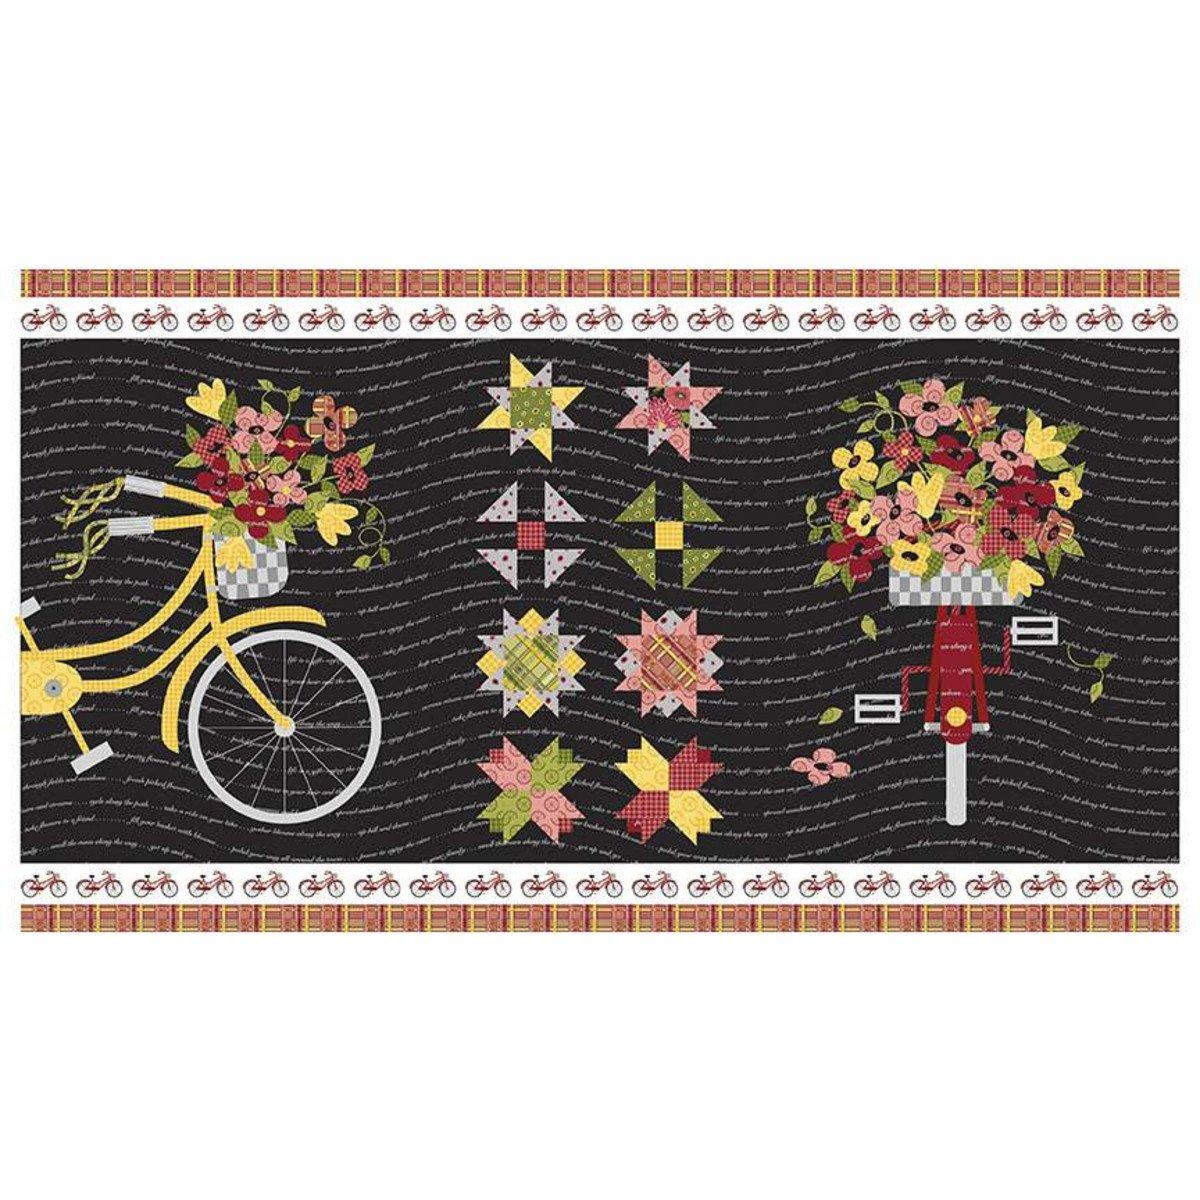 Petals & Pedals Panel - Black